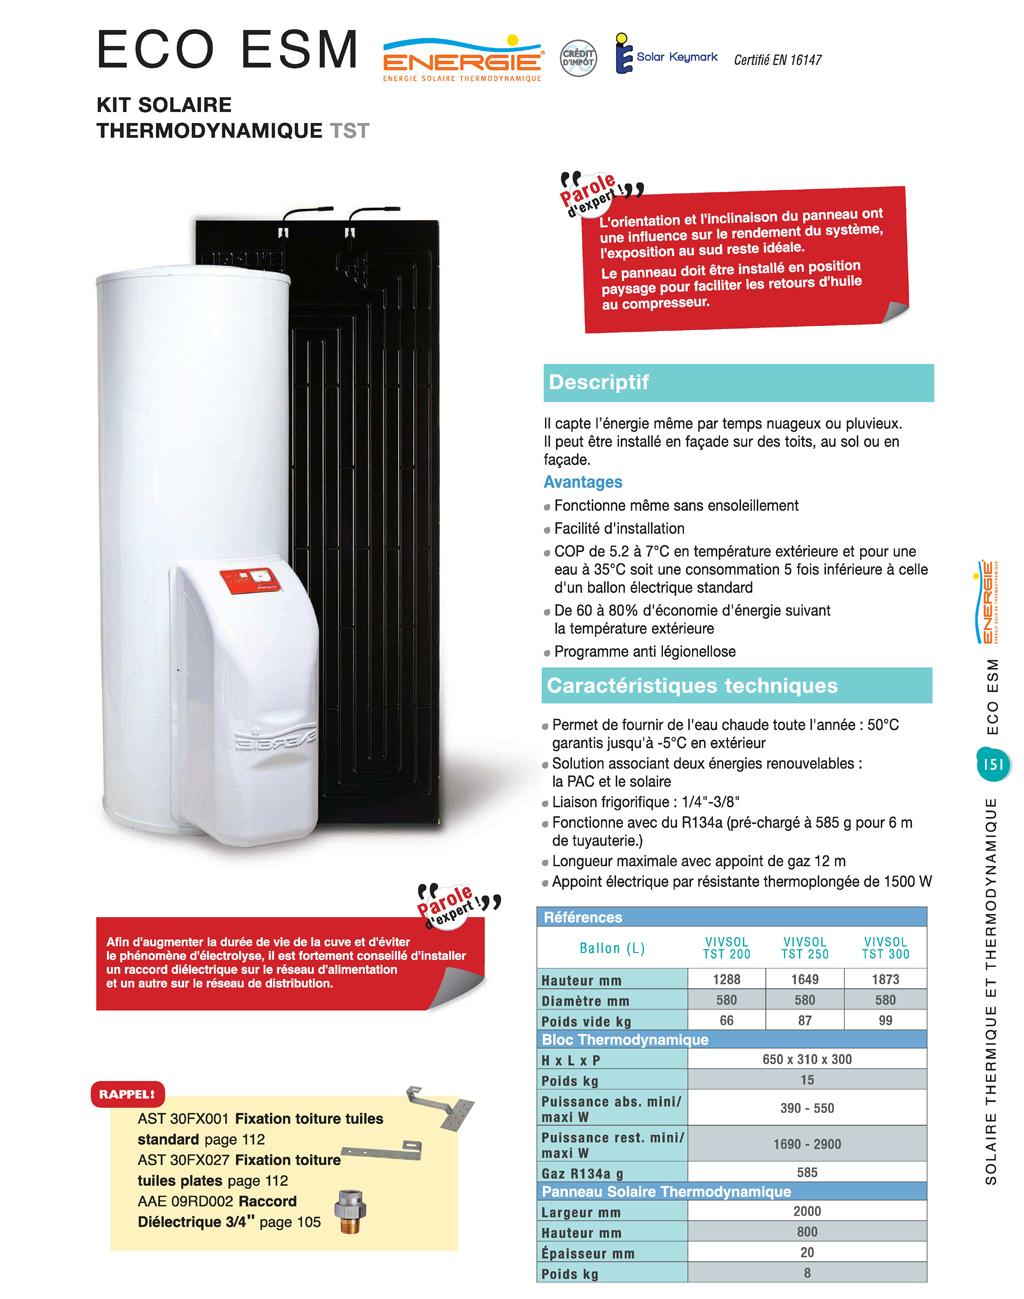 Energie solaire thermodynamique eco 250 energies naturels - Chauffe eau thermodynamique pas cher ...